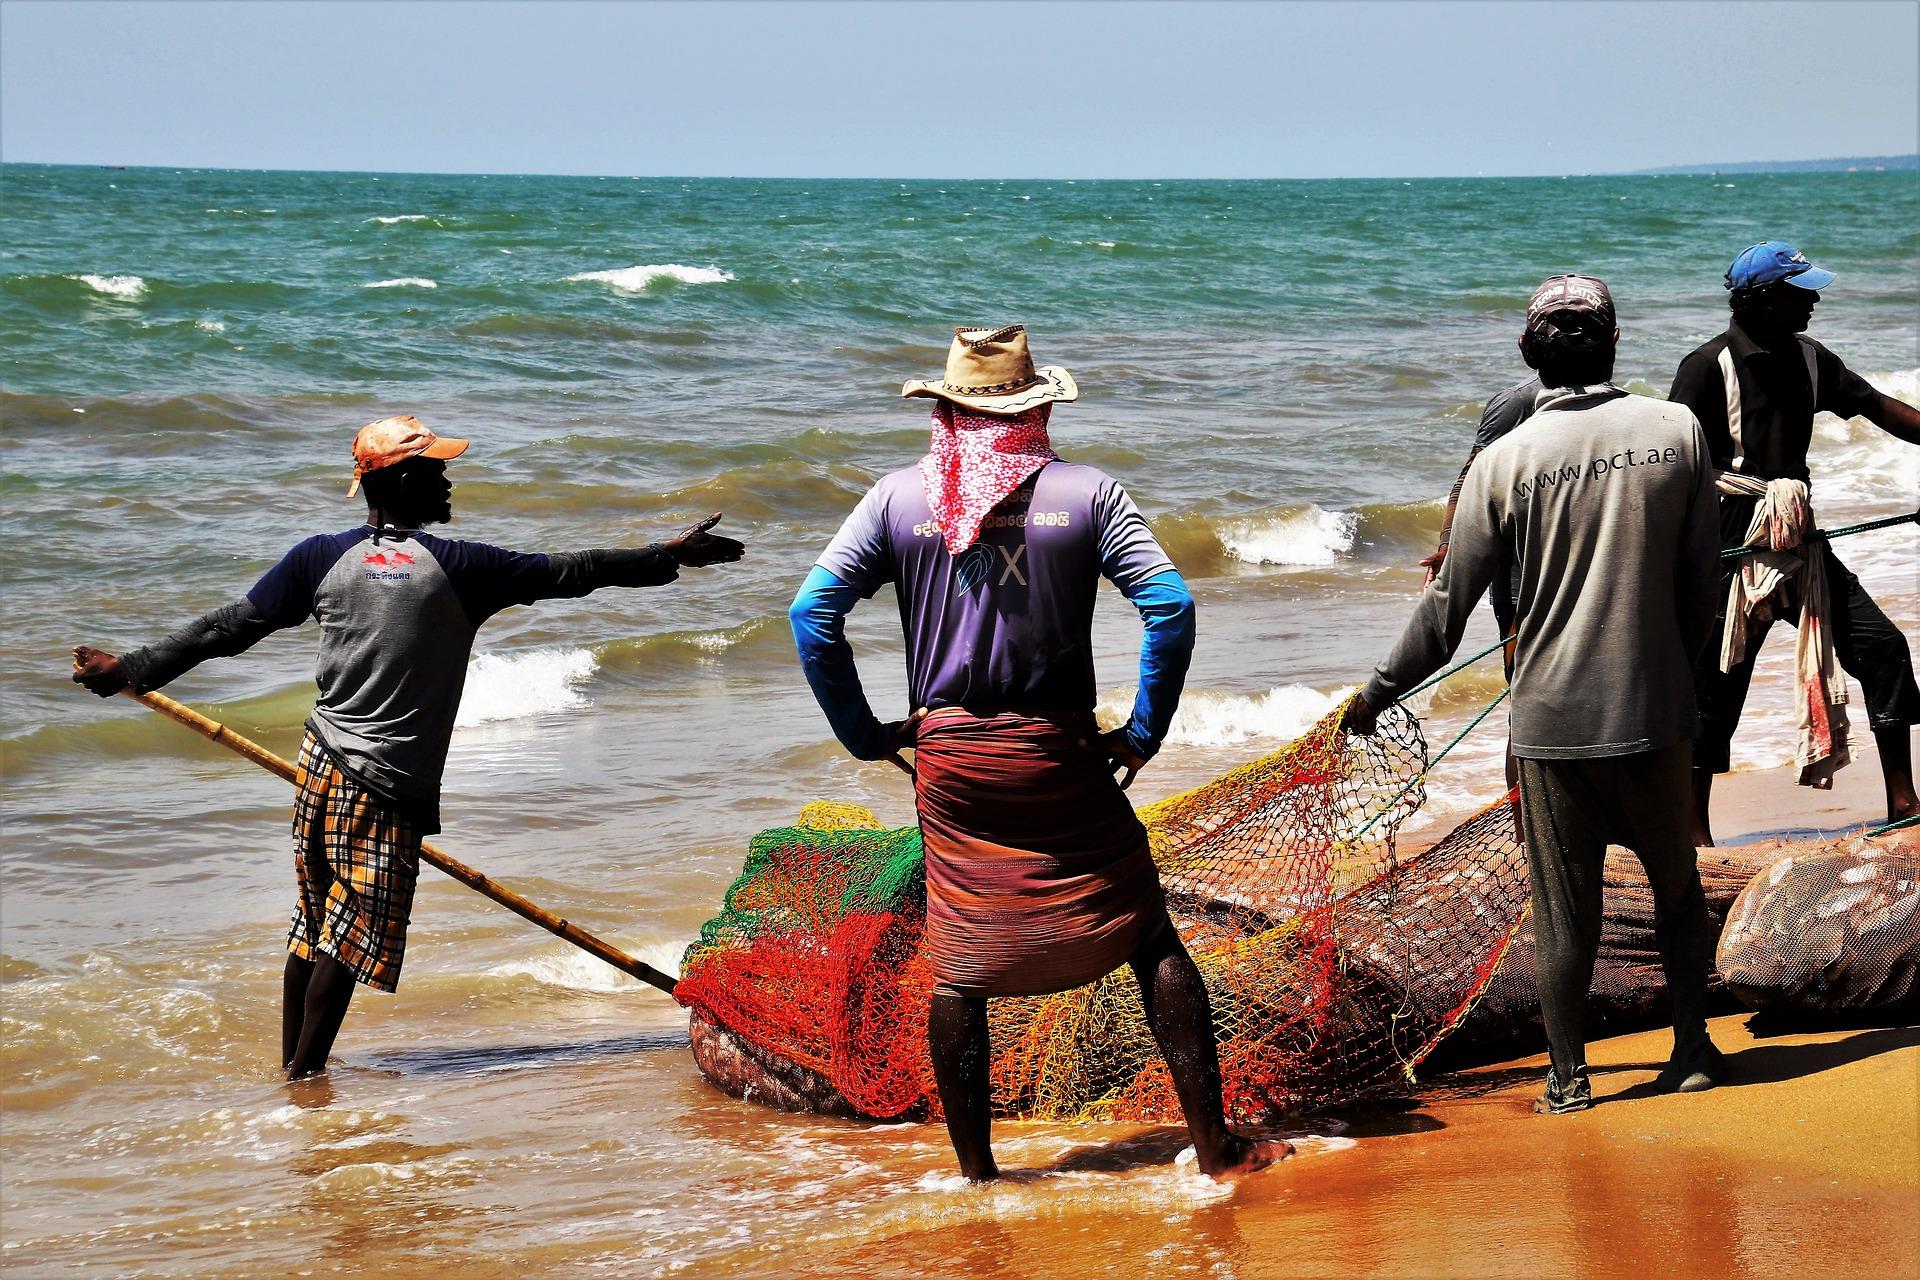 Océan Indien: les enjeux économiques sur la pêche maritime